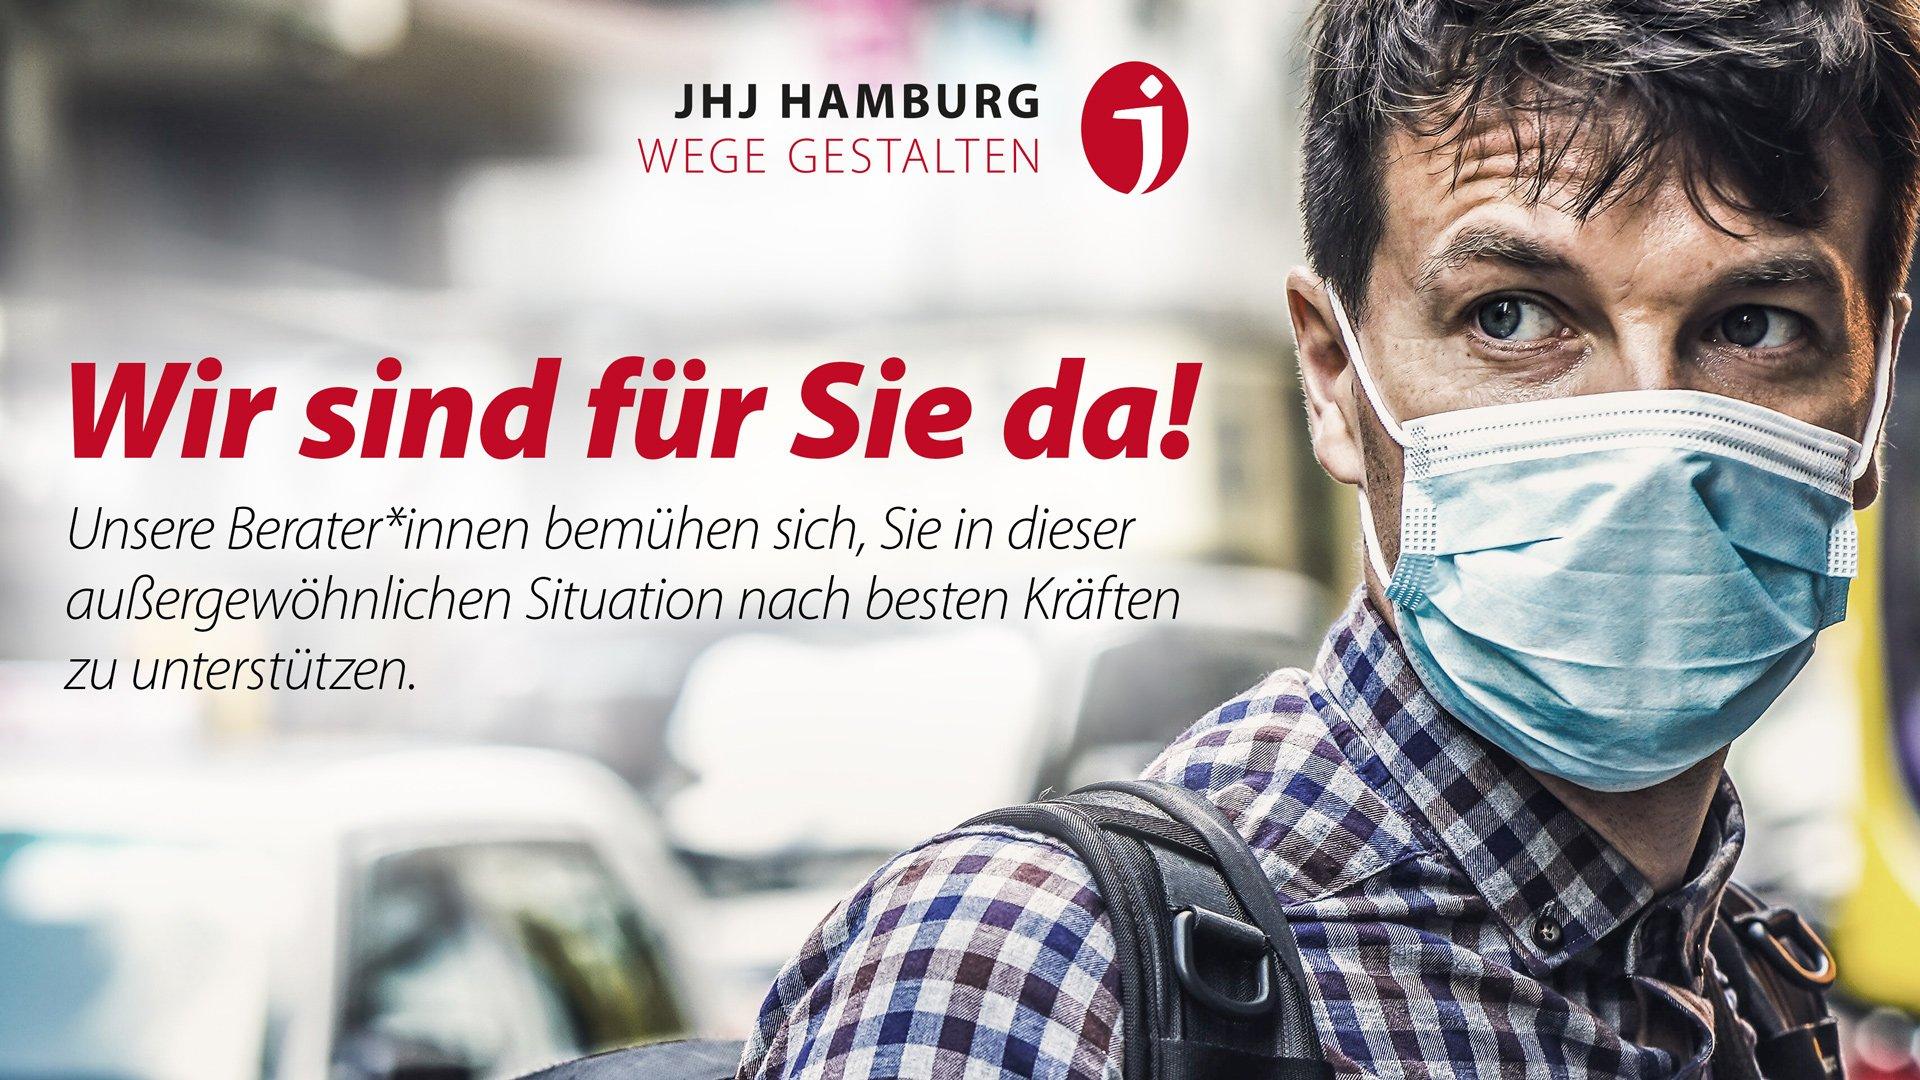 jhj-Hamburg Corona-Infektionsgefahren und COVID-19-PandemieWir sind für Sie da